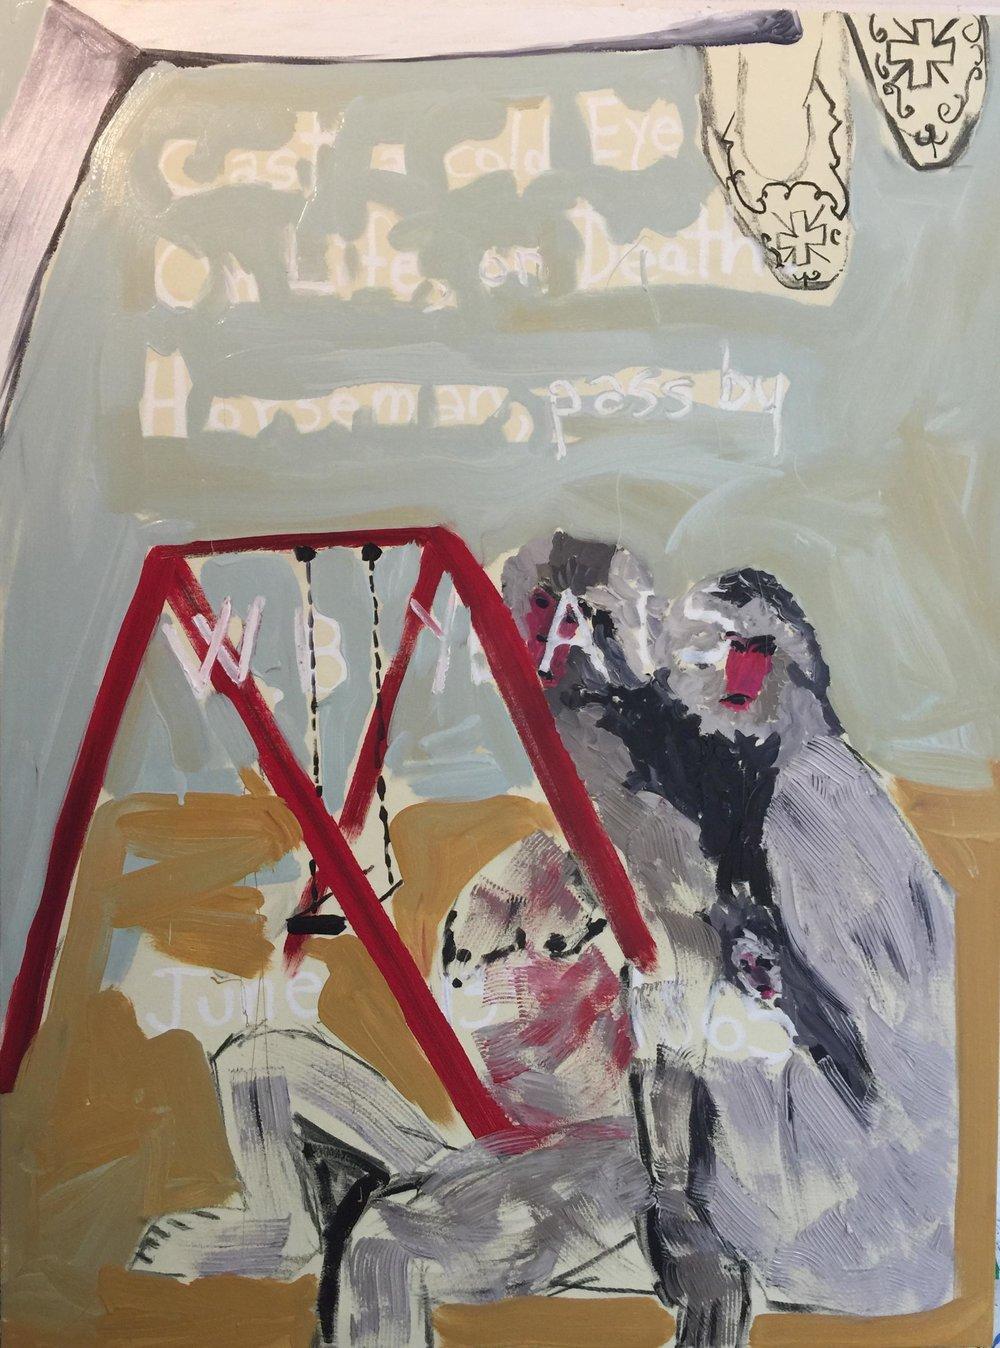 Je ne me rappelle plus óu j'ai puis cela, mais la solitude l'impresion de désolation m'a fait penser a la mort de Pasolini. Je l'ai prise comme une hommage juée d'un film- jamais tourné;Tombe de W. B. Yeats; Chaussons du Pape Benedict XV; Detail-peinture. Musée Van Gogh.   Acrylic, oil, oil stick, and charcoal on canvas, 2018  48h x 36w in